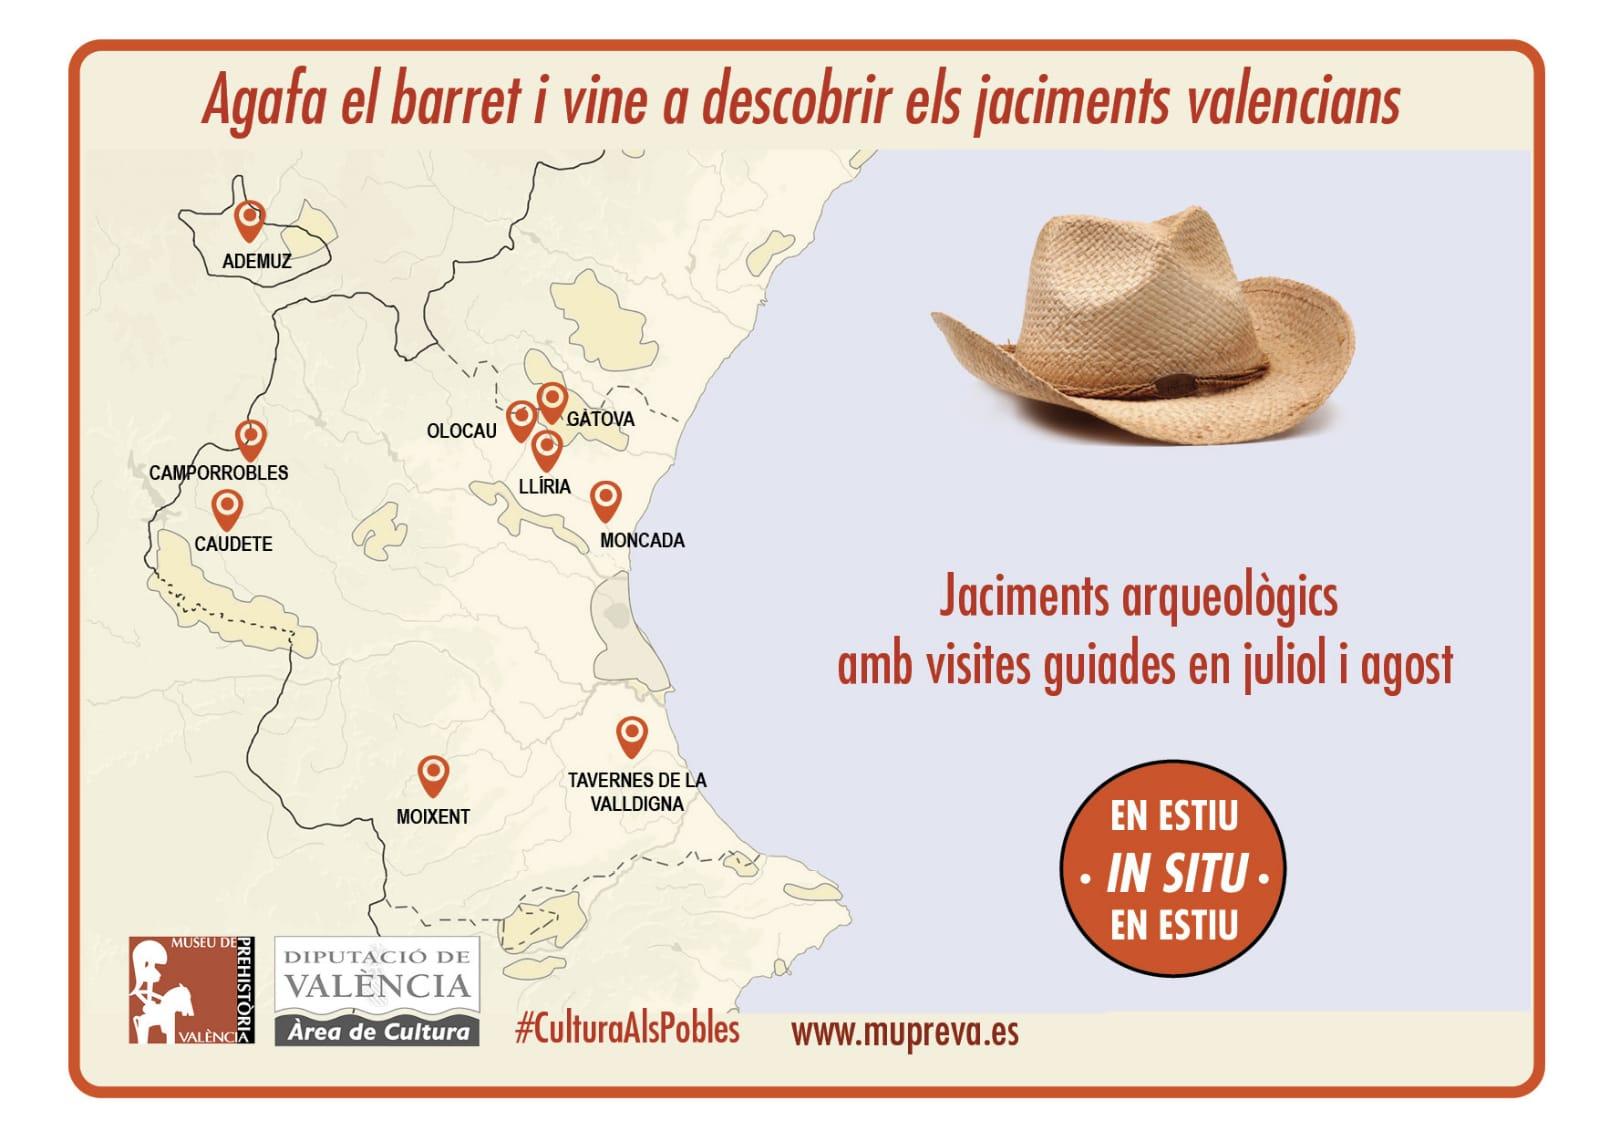 El Museu de Prehistòria de València, que depèn de l'Àrea de Cultura de la Diputació, en col·laboració amb diversos ajuntaments valencians, donen a conèixer el patrimoni arqueològic de municipis com Tavernes de la Valldigna, Ademuz, Camporrobles, Caudete de las Fuentes, Gàtova, Olocau, Montcada, Moixent o Llíria.